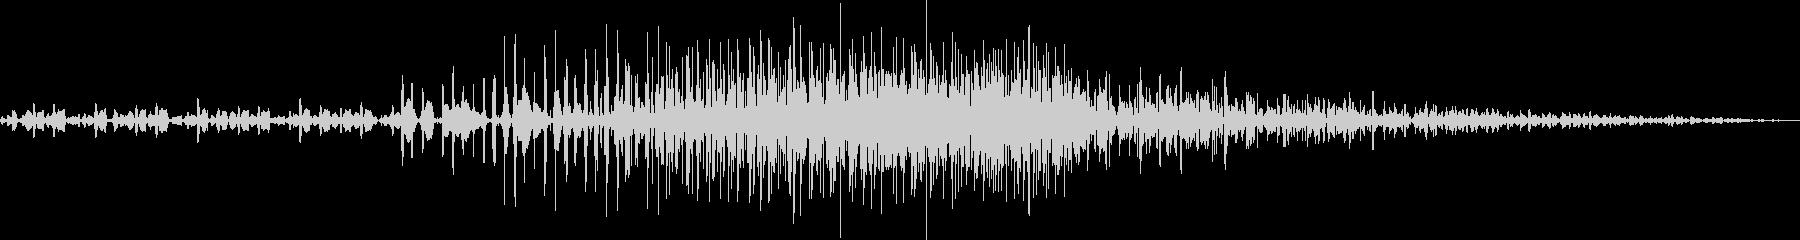 AMGアナログFX 15の未再生の波形